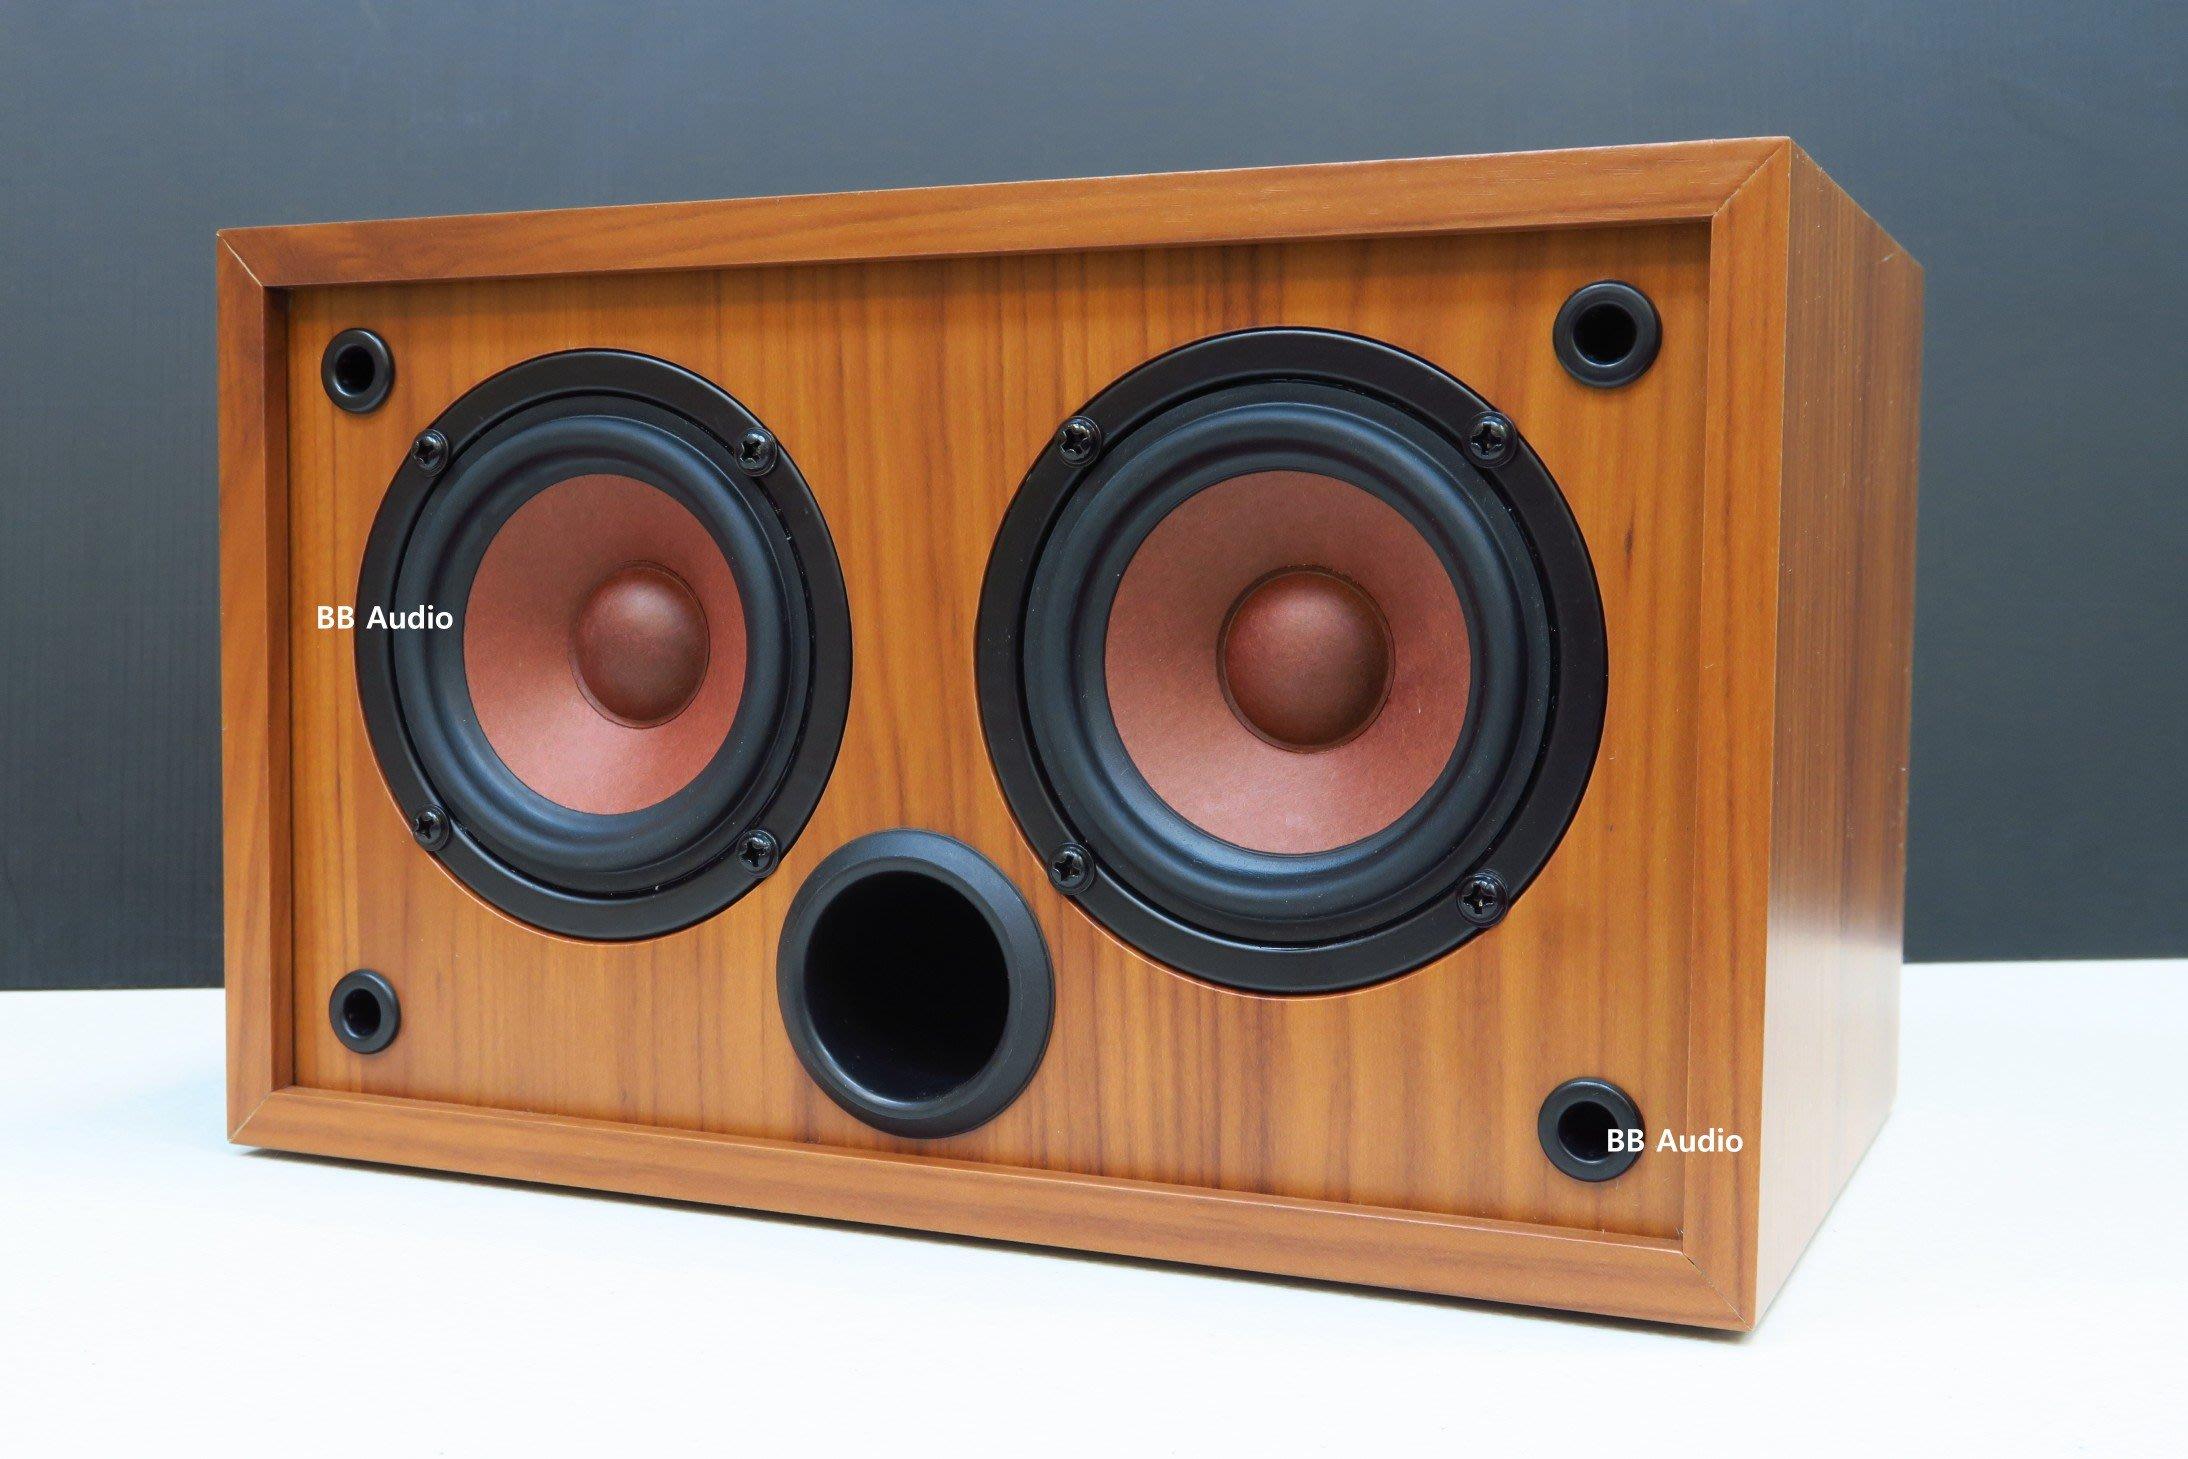 全新 3吋二聲道喇叭音箱(機器人一號)亦可並聯當一聲道音箱使用或中置音箱